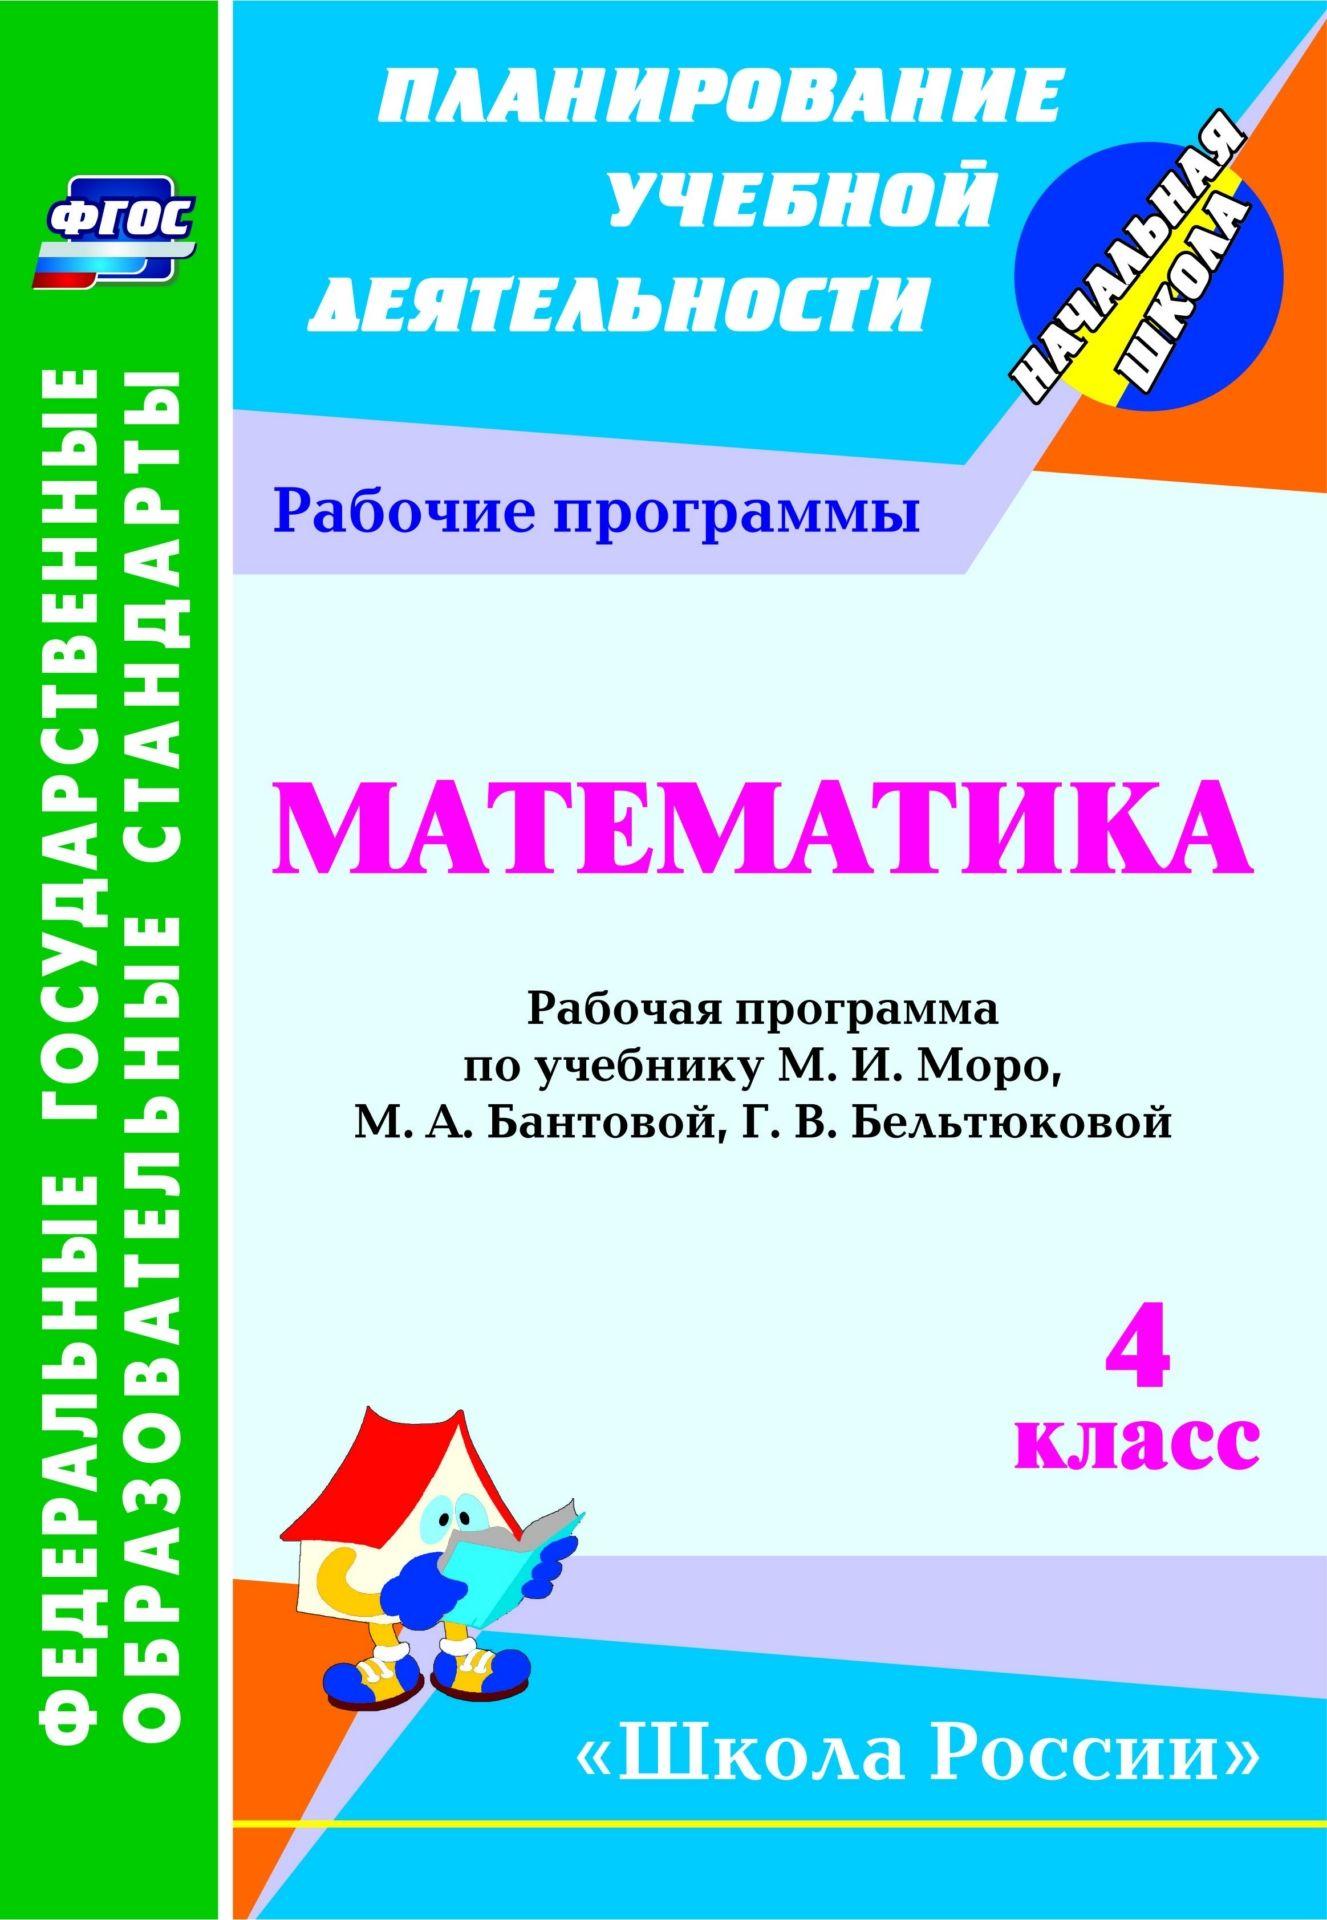 Фото #1: Математика. 4 класс: рабочая программа по учебнику М. И. Моро, М. А. Бантовой, Г. В. Бельтюковой. УМ